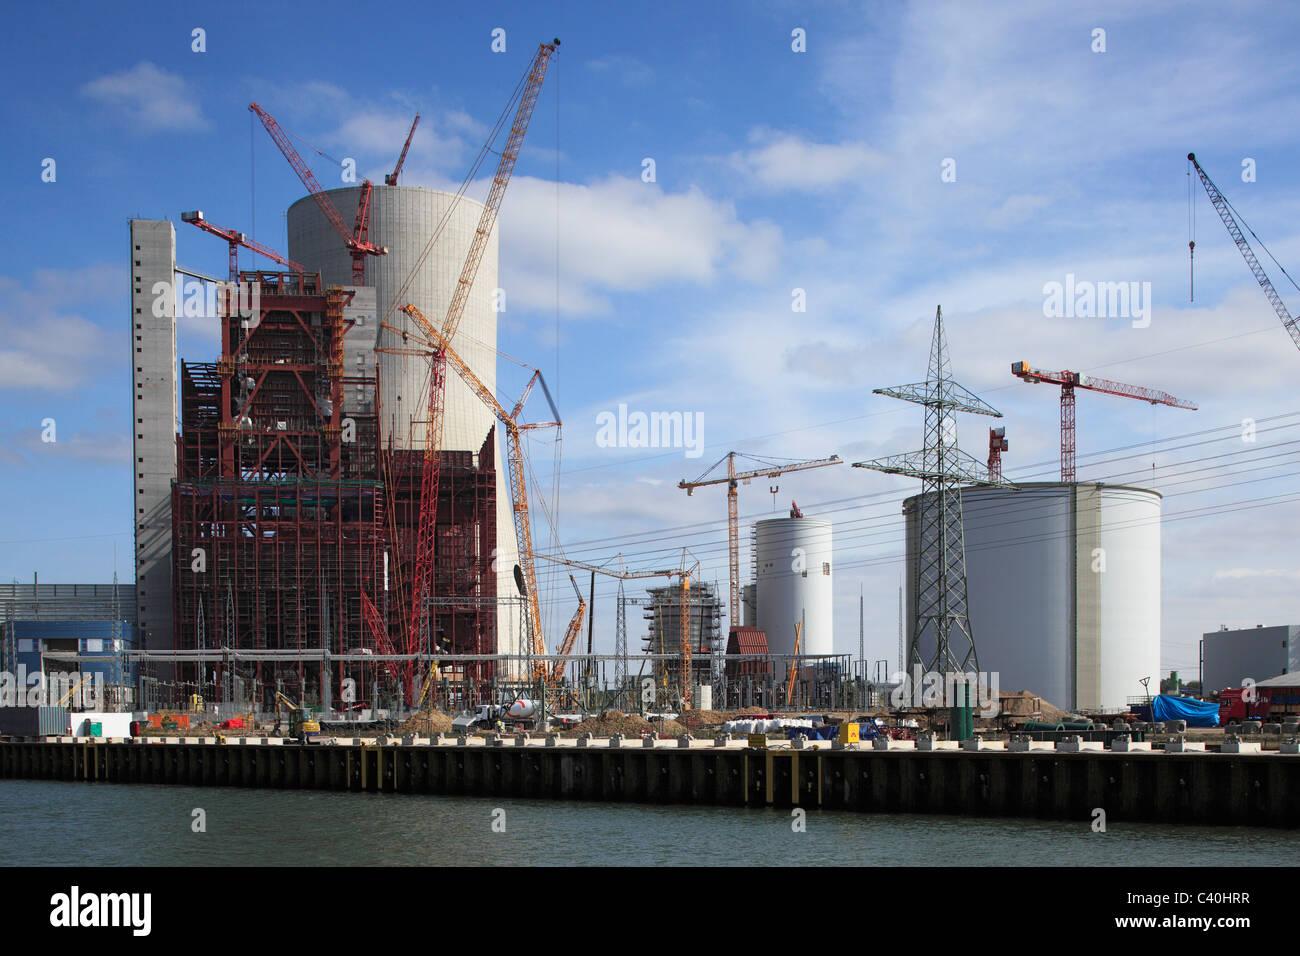 Building site, coal power station, Dortmund Ems canal, power station, E.ON, electricity, building freeze, demolition, - Stock Image